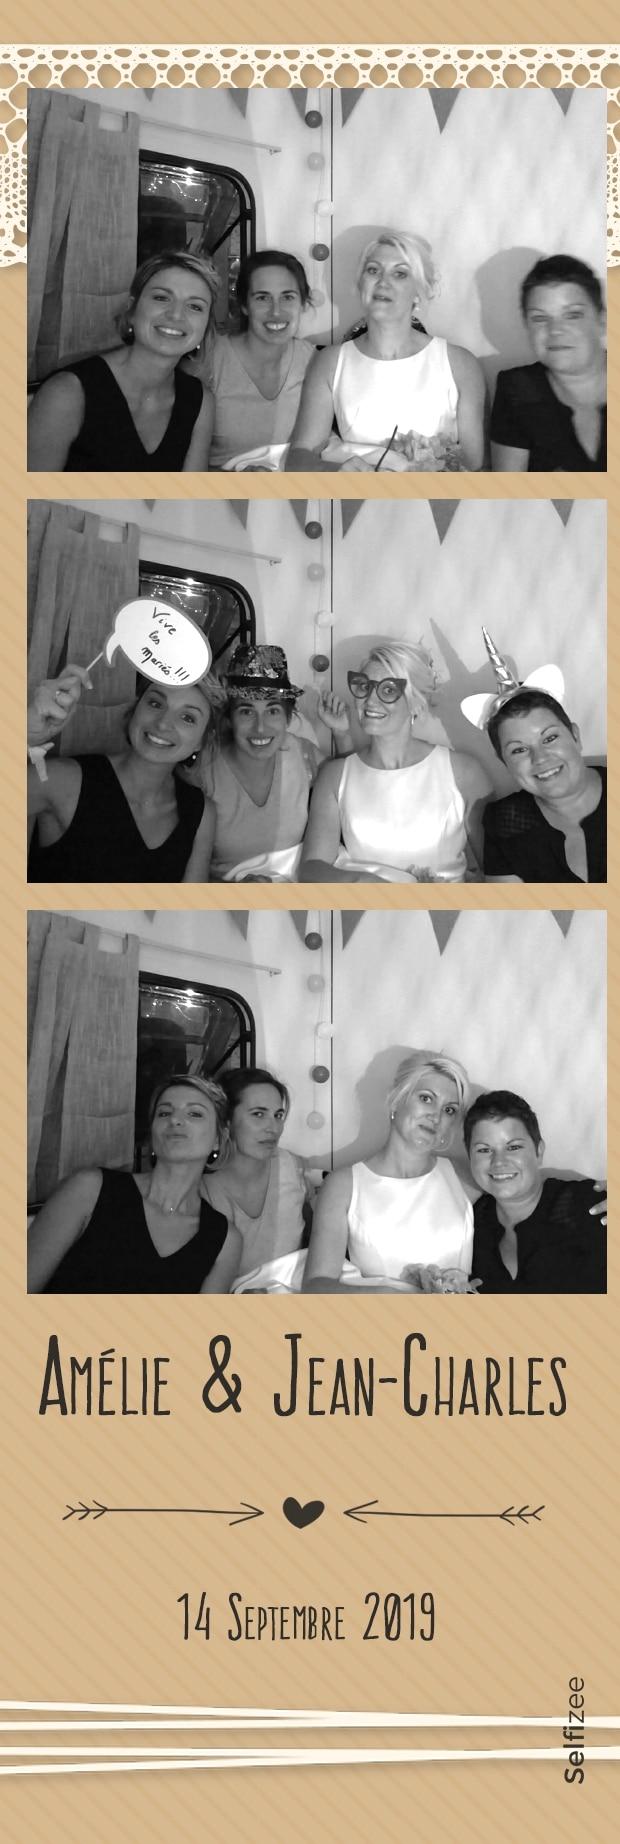 Borne photo connectée animation mariage avec impressions selfies à Laval - location photobooth mariage Laval / Mayenne pour photos personnalisées